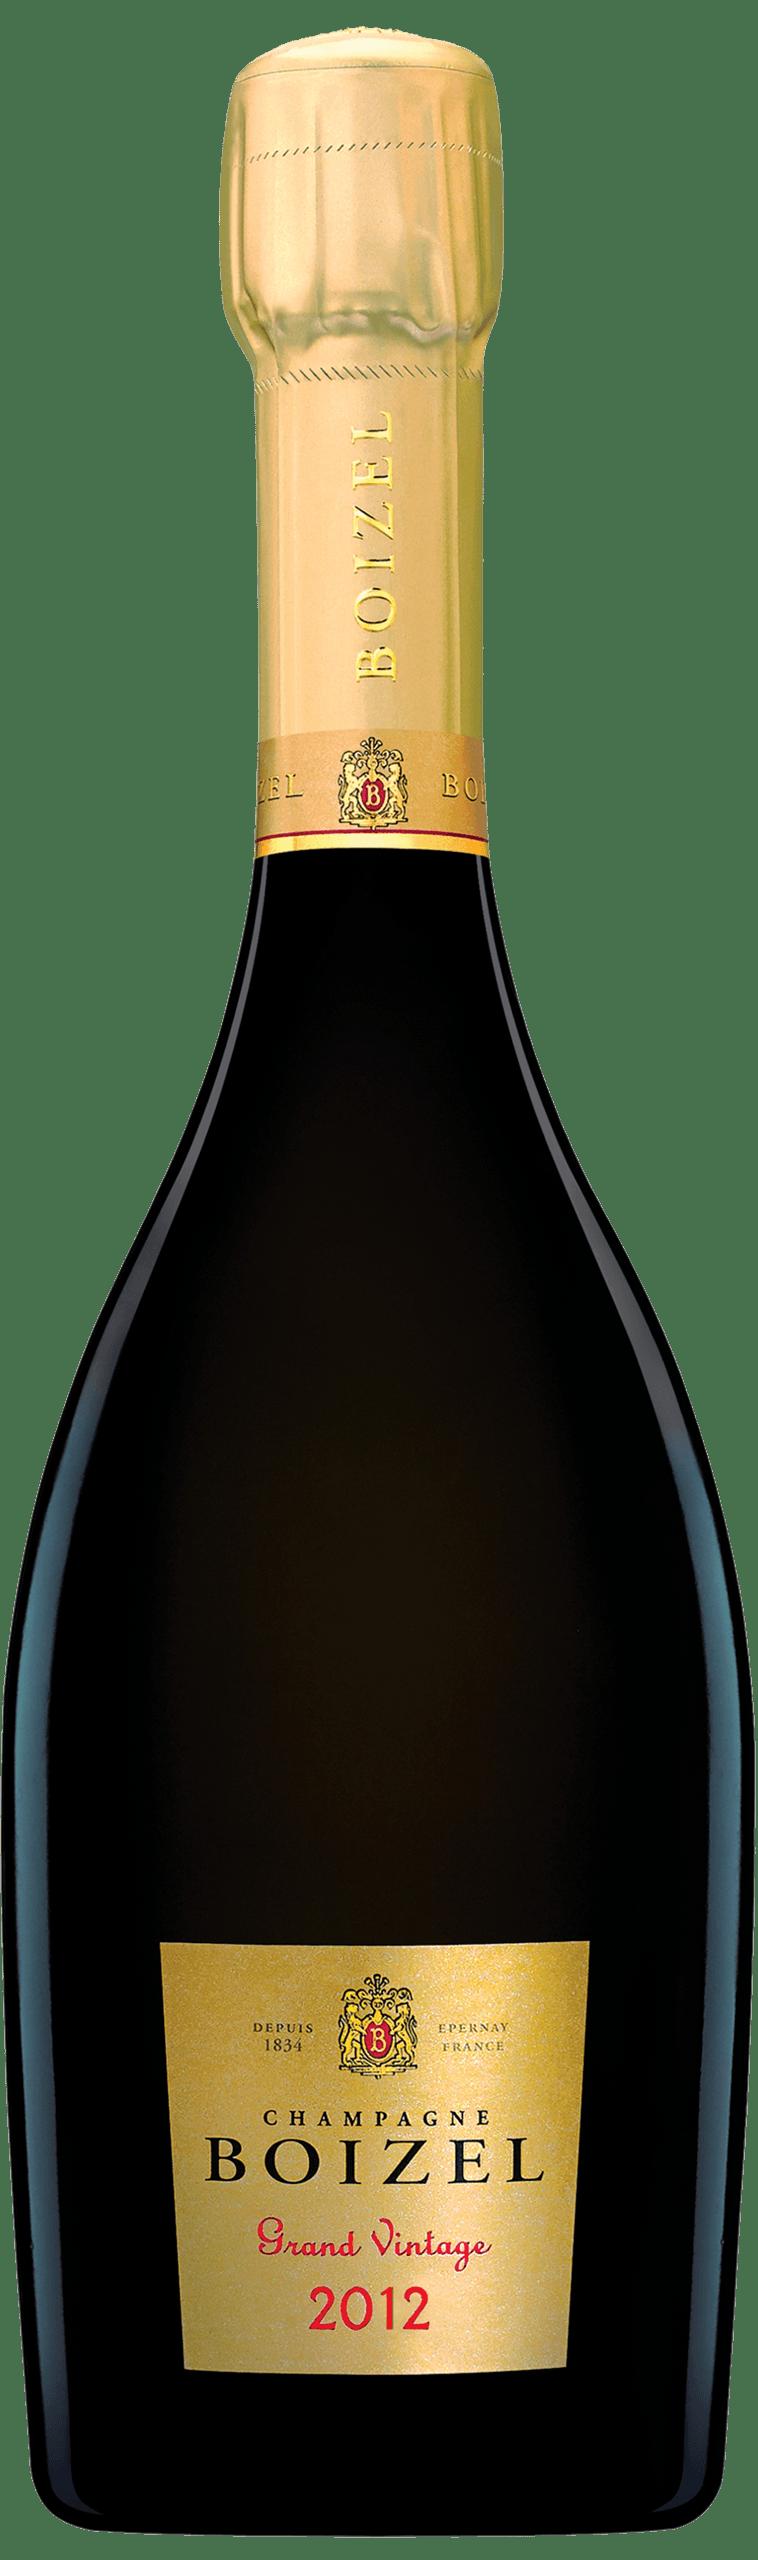 Grand Vintage 2012 - Champagne Boizel - Epernay France